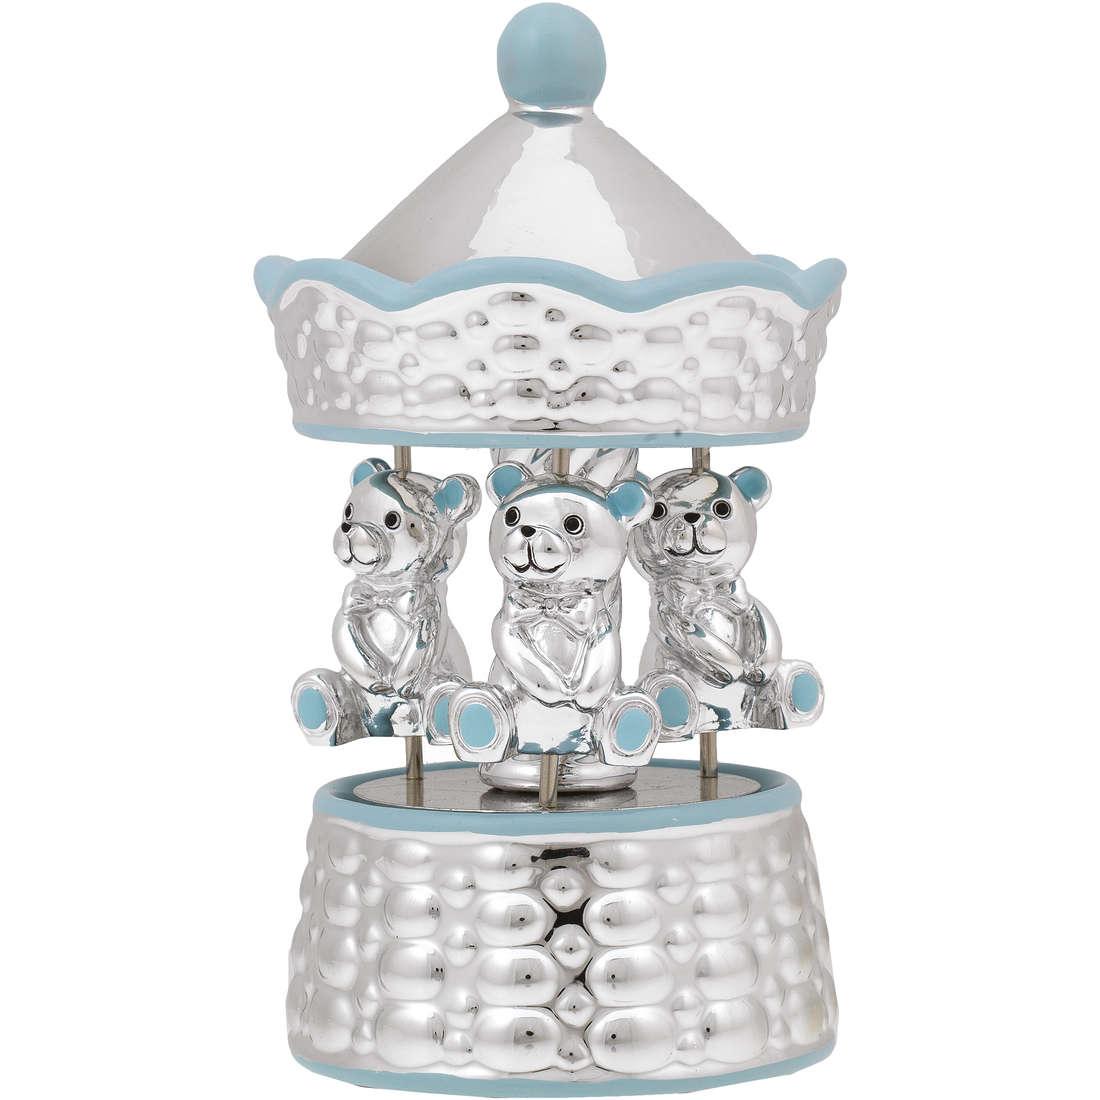 accessori neonato Bagutta Baguttino B 4171-01 A